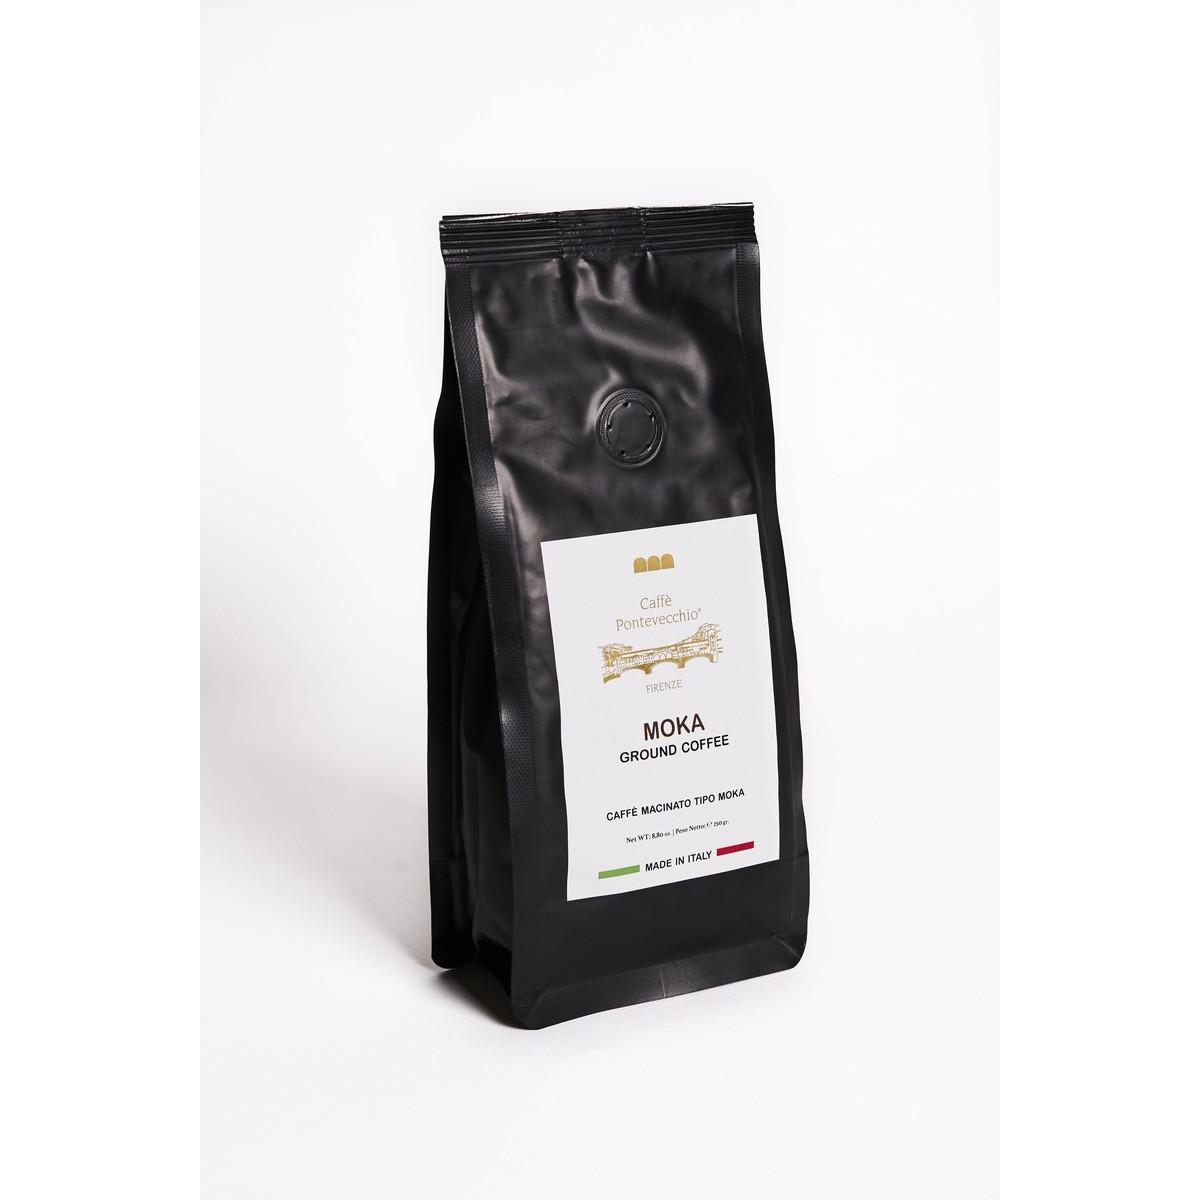 Caffè Macinato Tipo MoKa - BOX da 250 grammi Gran Coffee - 100% Robusta - gusto intenso